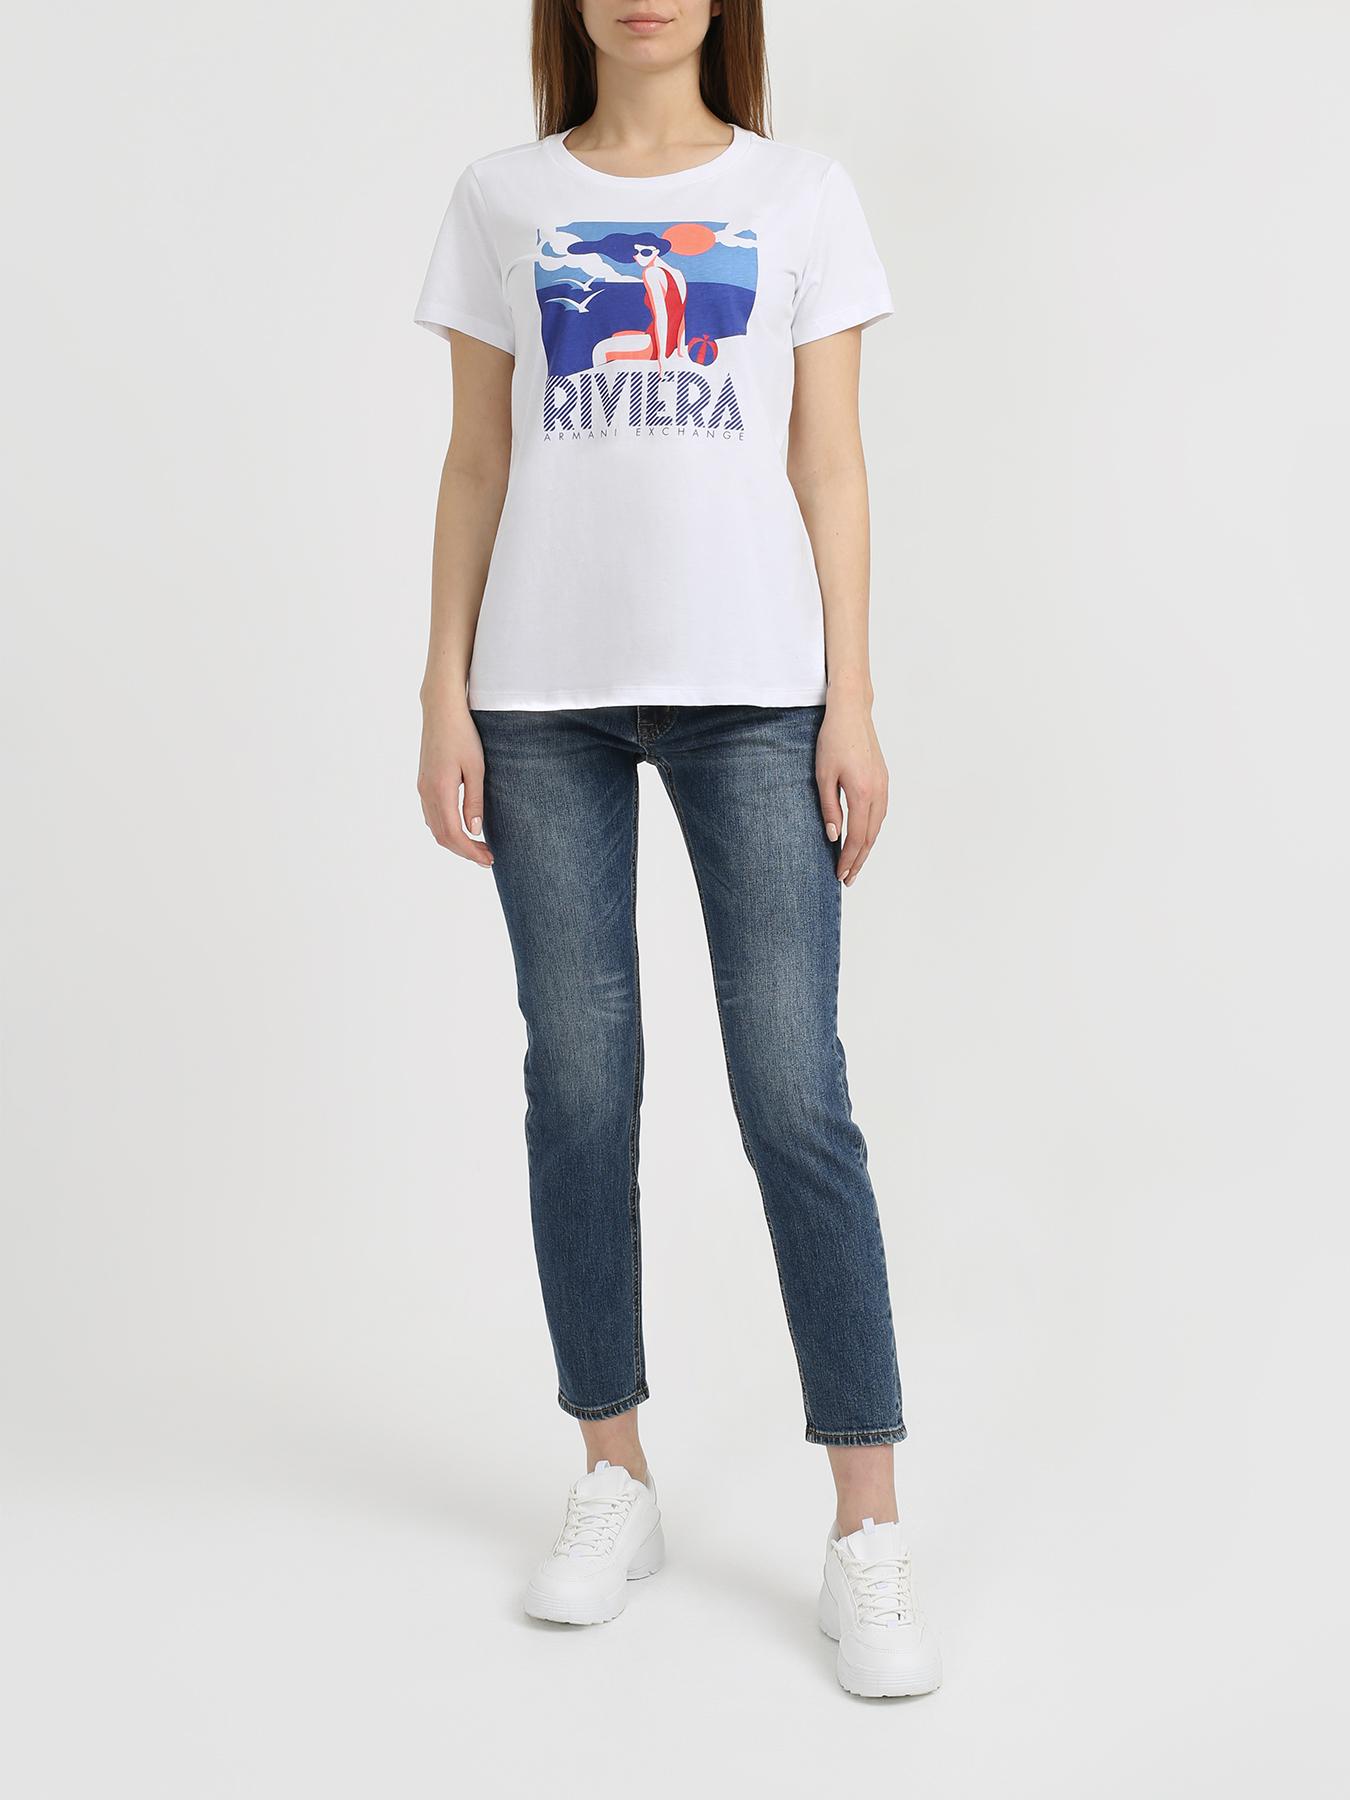 Брюки Korpo Two Женские джинсы брюки korpo прямые джинсы